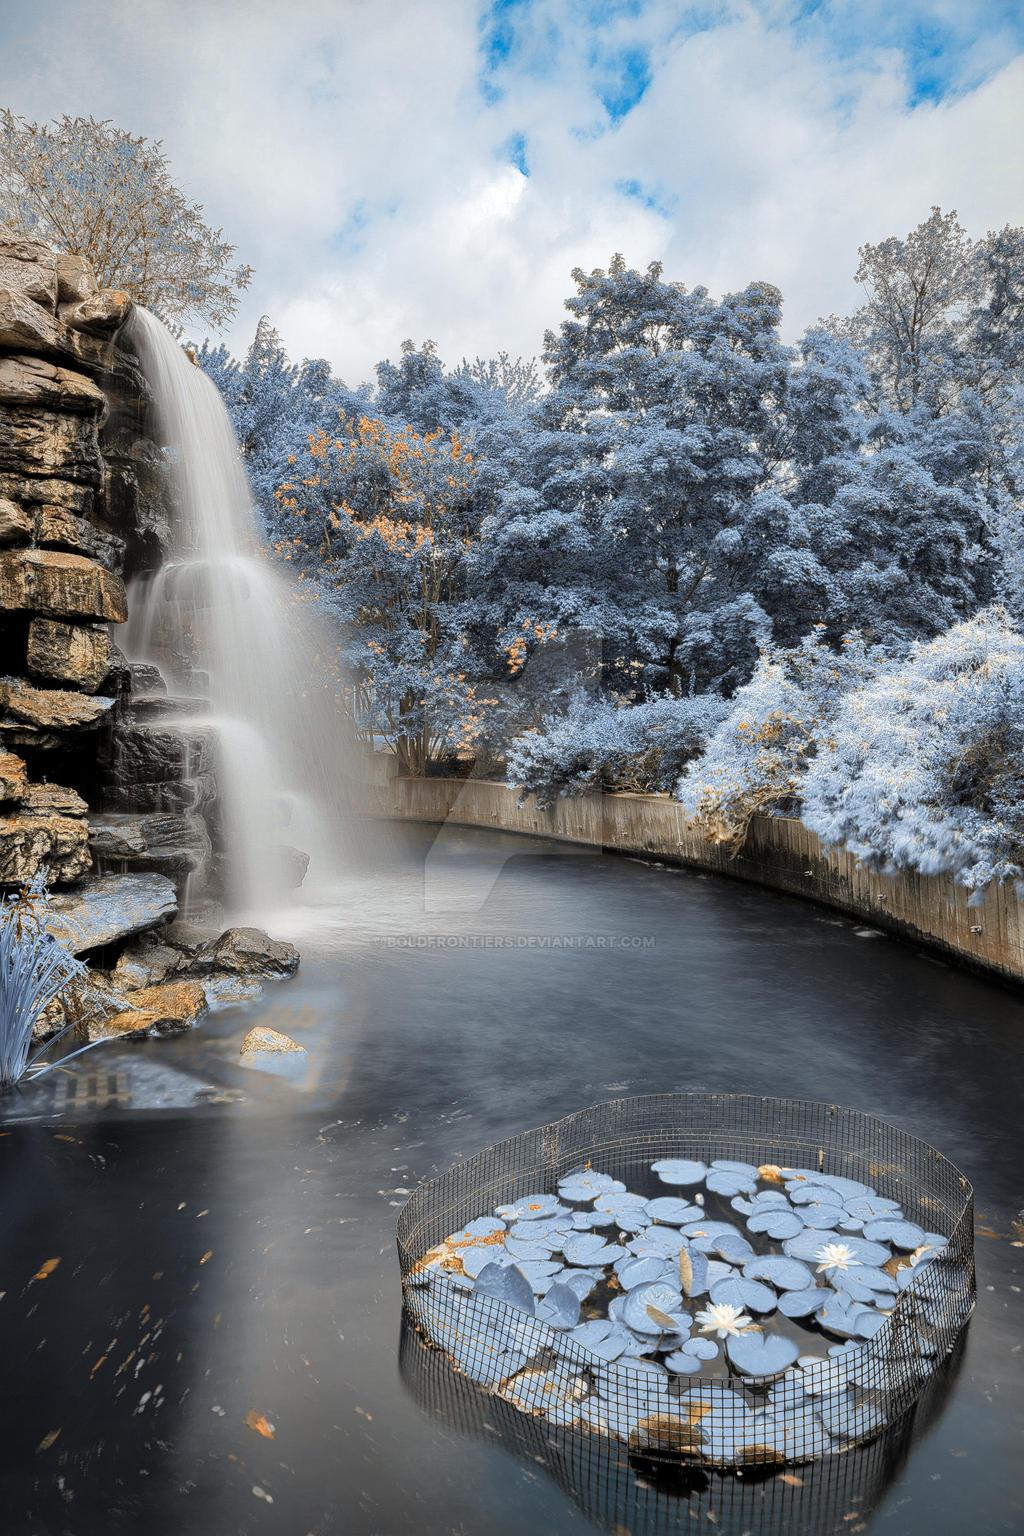 Zoo Waterfall II - Exclusive Winter Blue HDR by somadjinn